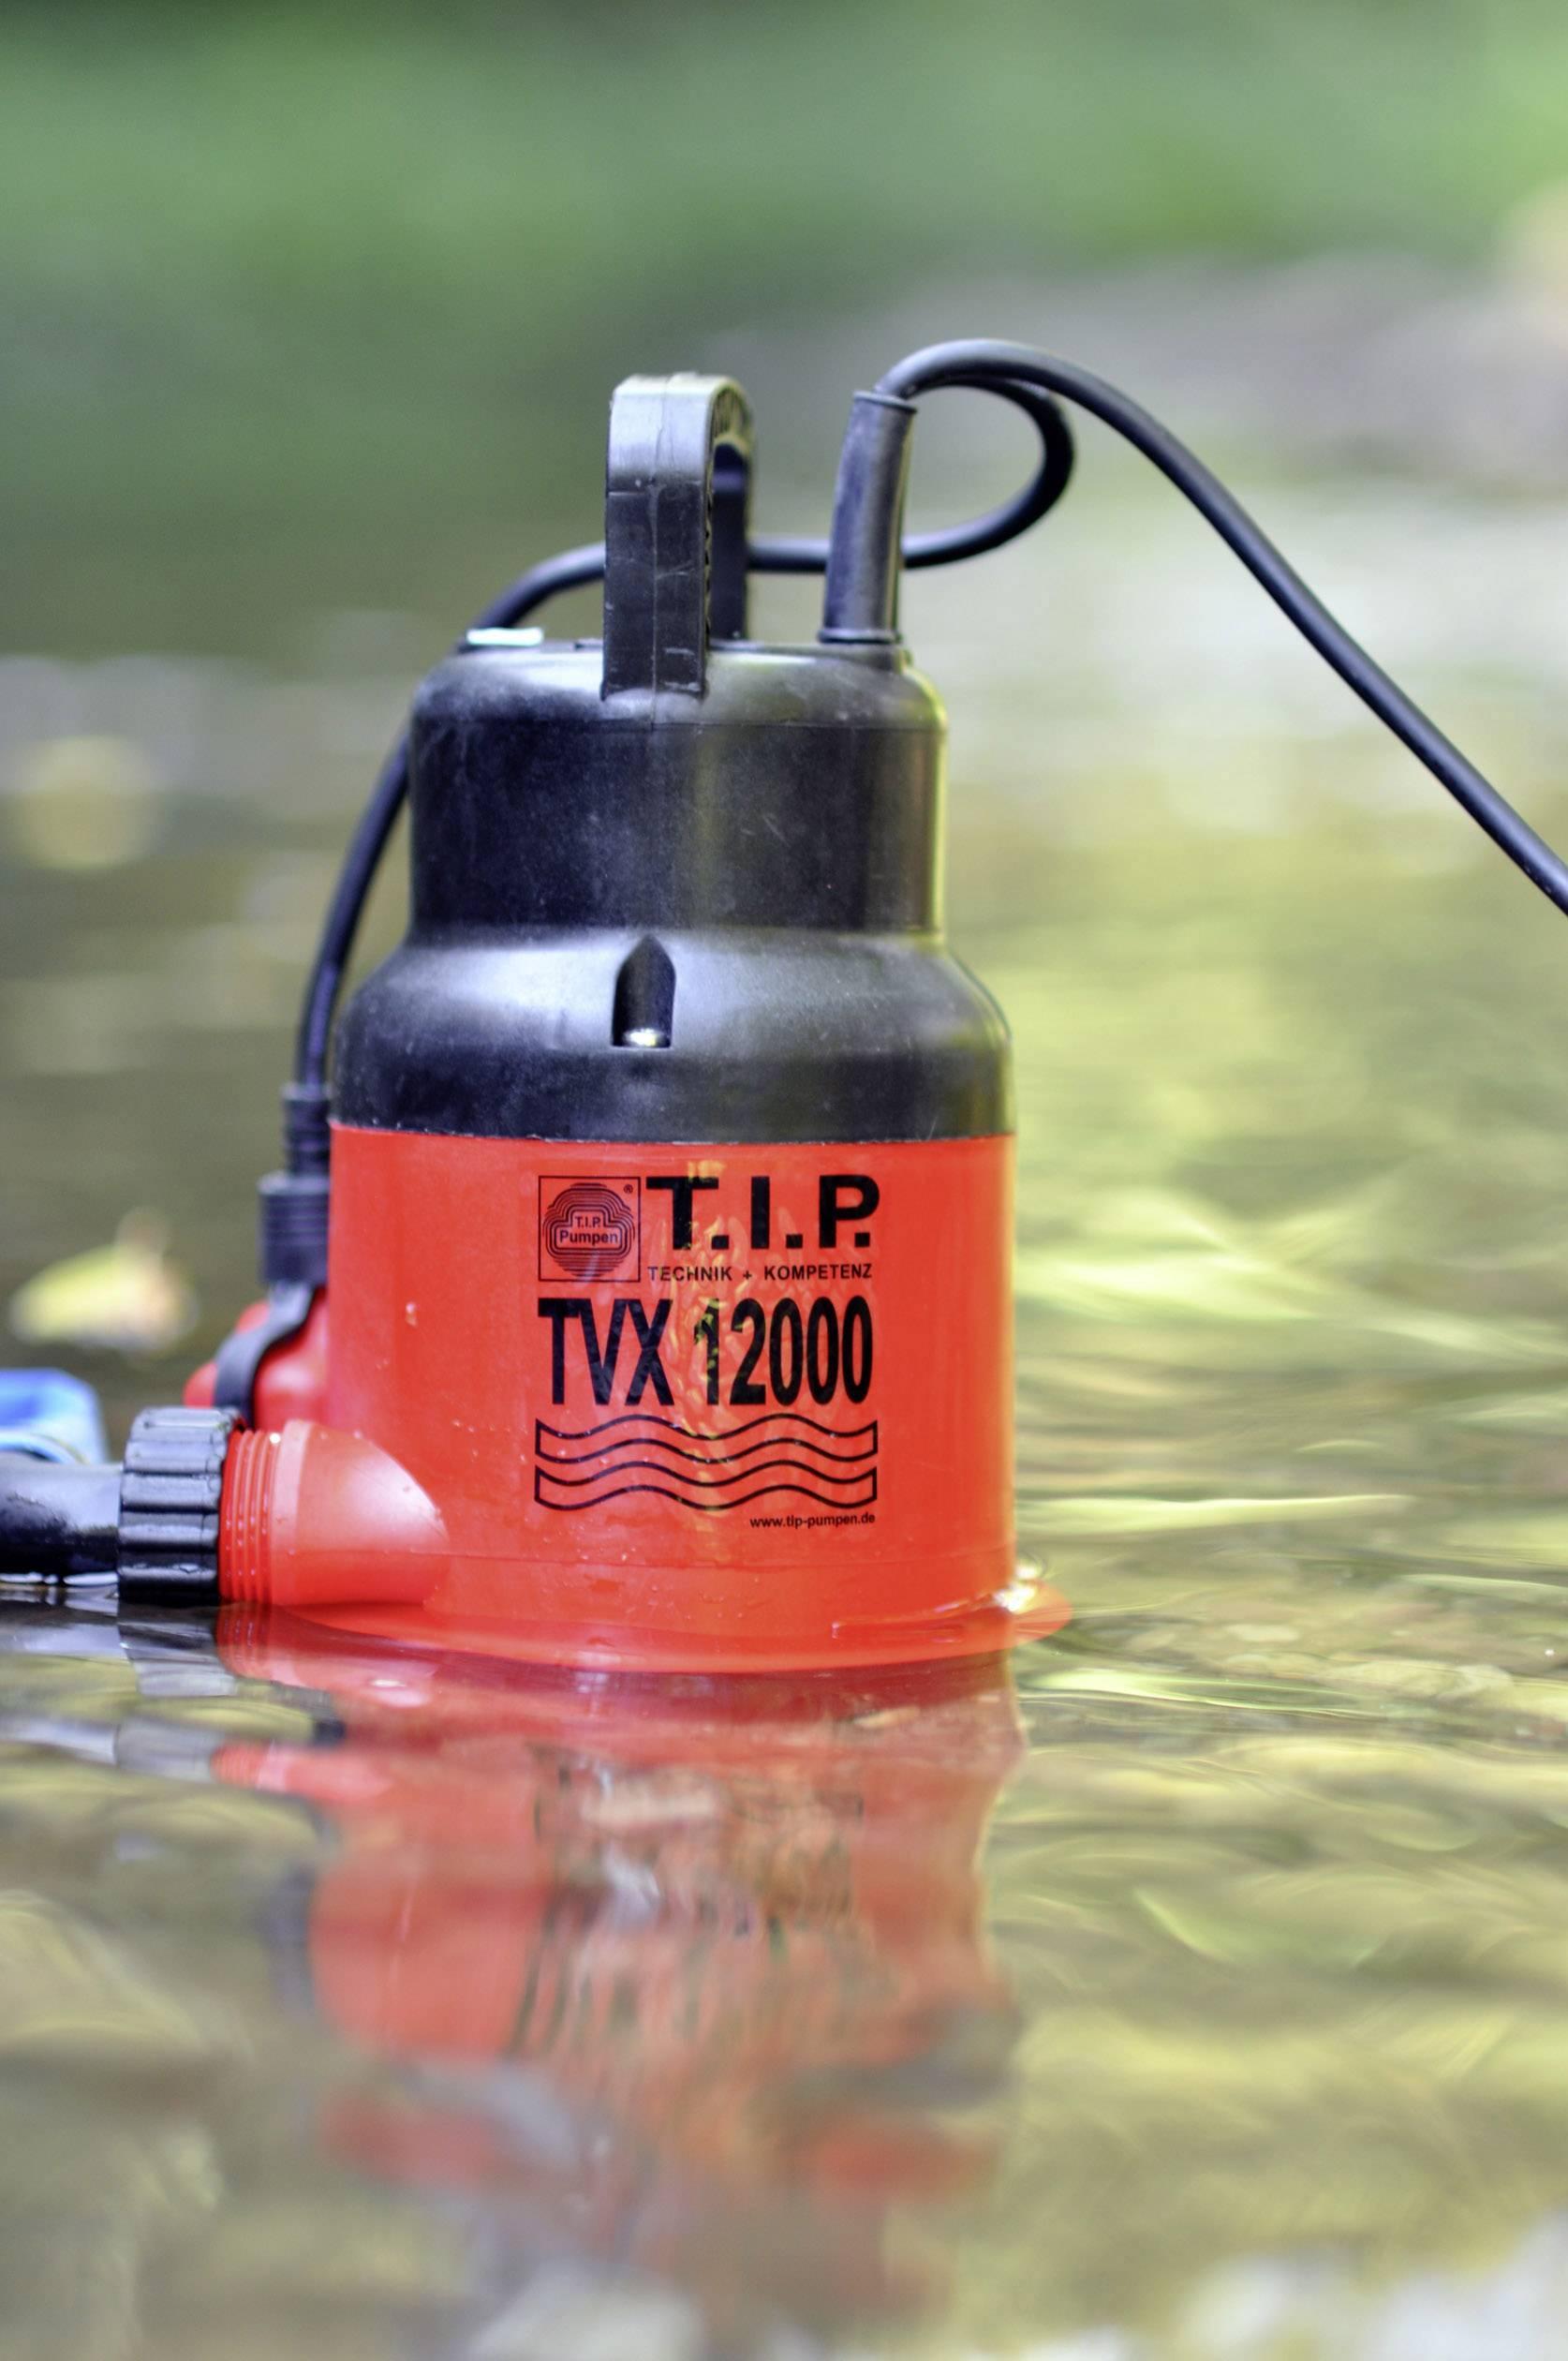 Kalové ponorné čerpadlo T.I.P. Pumpen TVX 12000, 10800 l/h, výtlak do 6 m